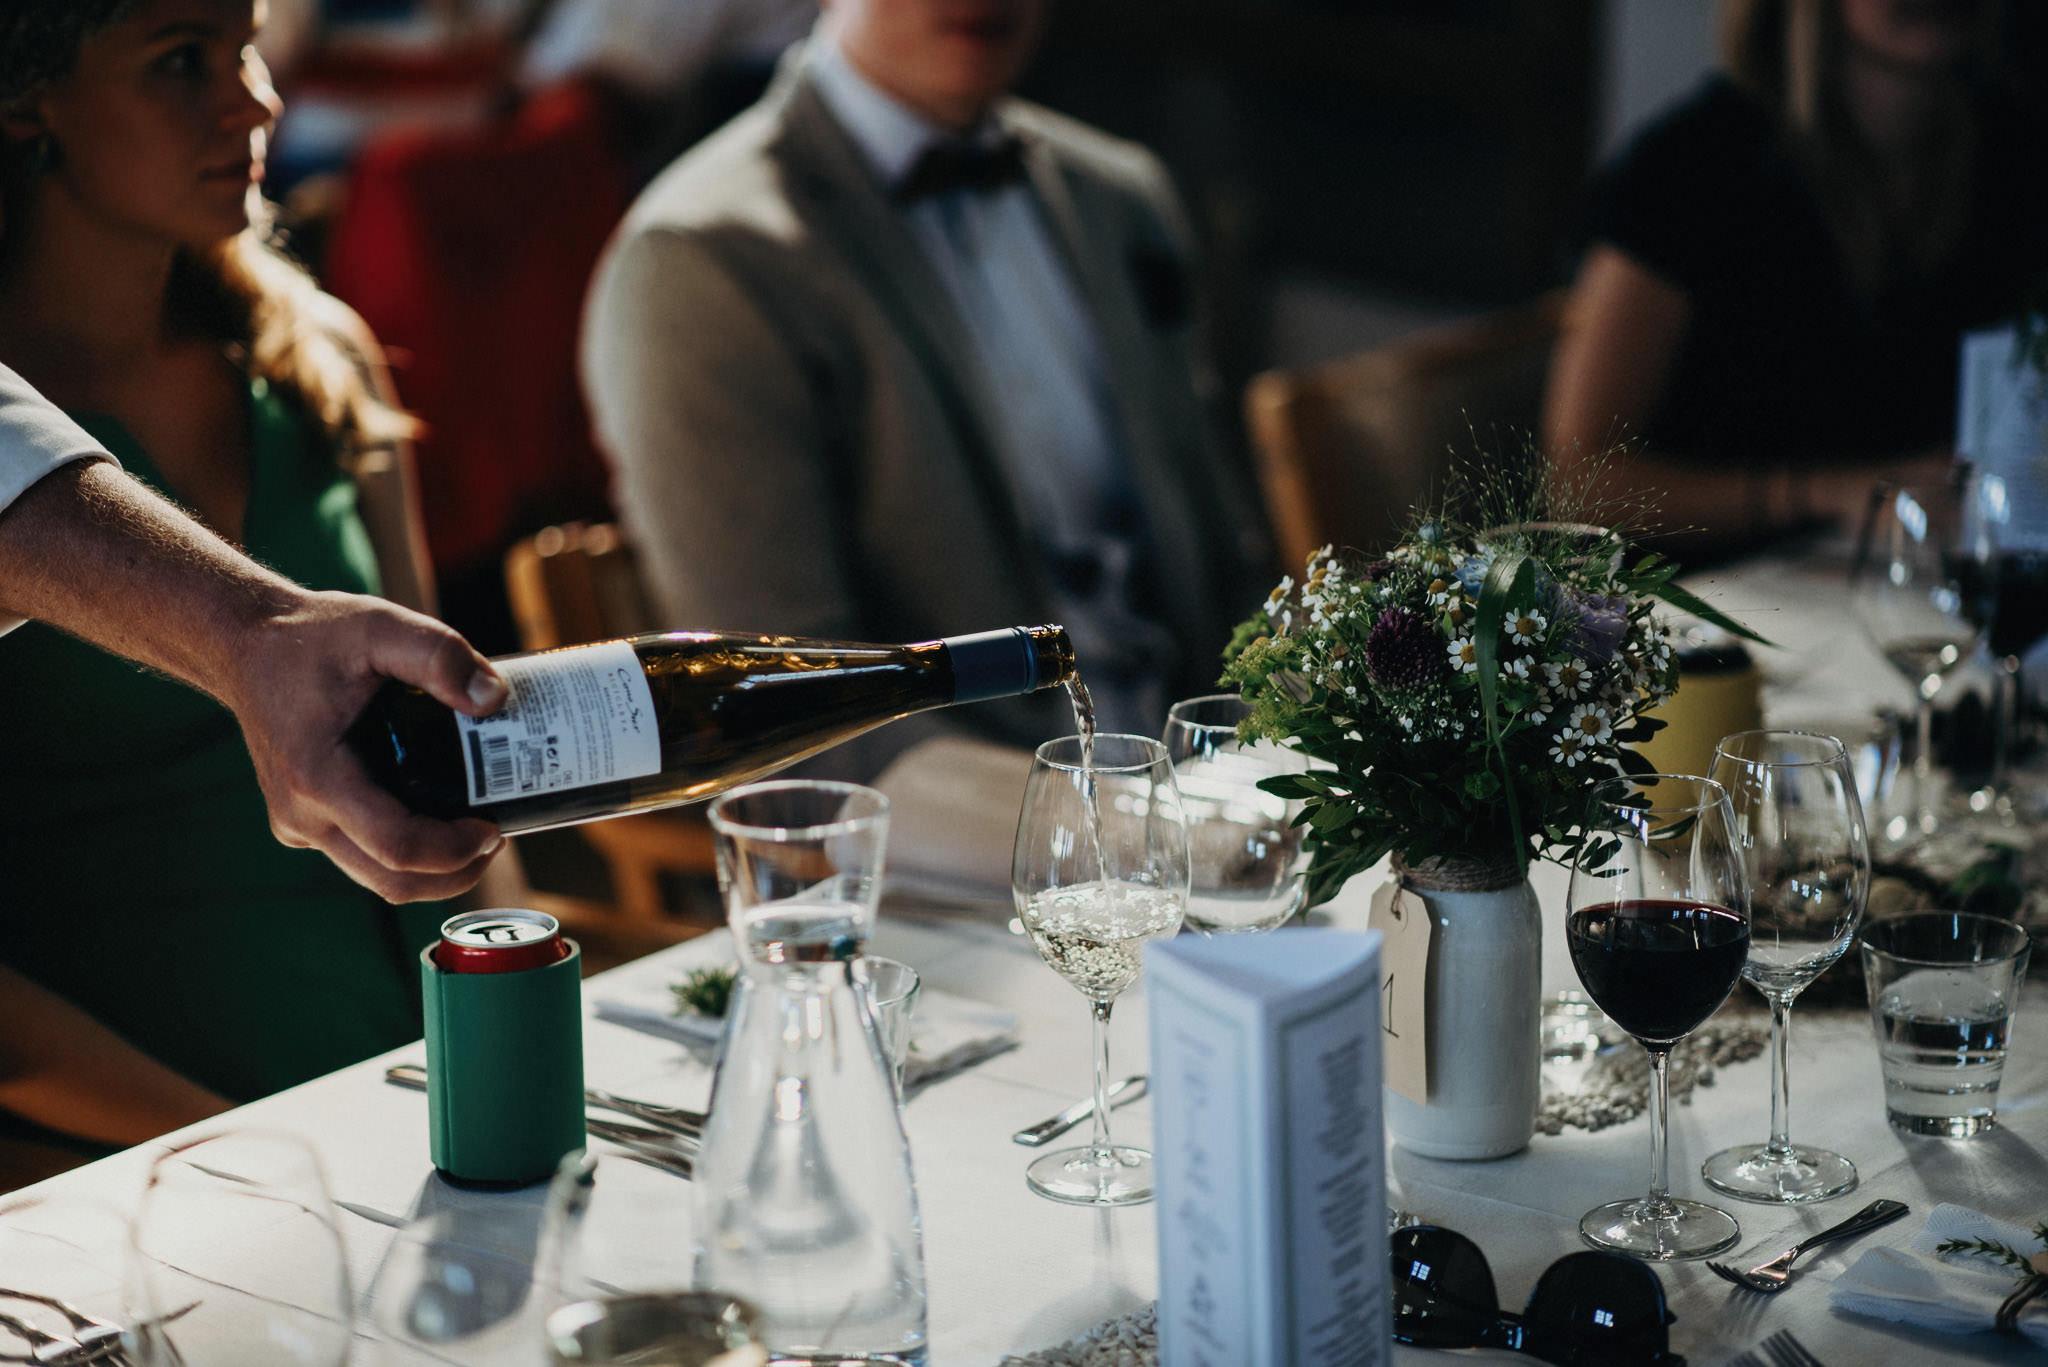 jere-satamo-ruissalo-haat-samesex-wedding-valokuvaaja-turku-070web.jpg